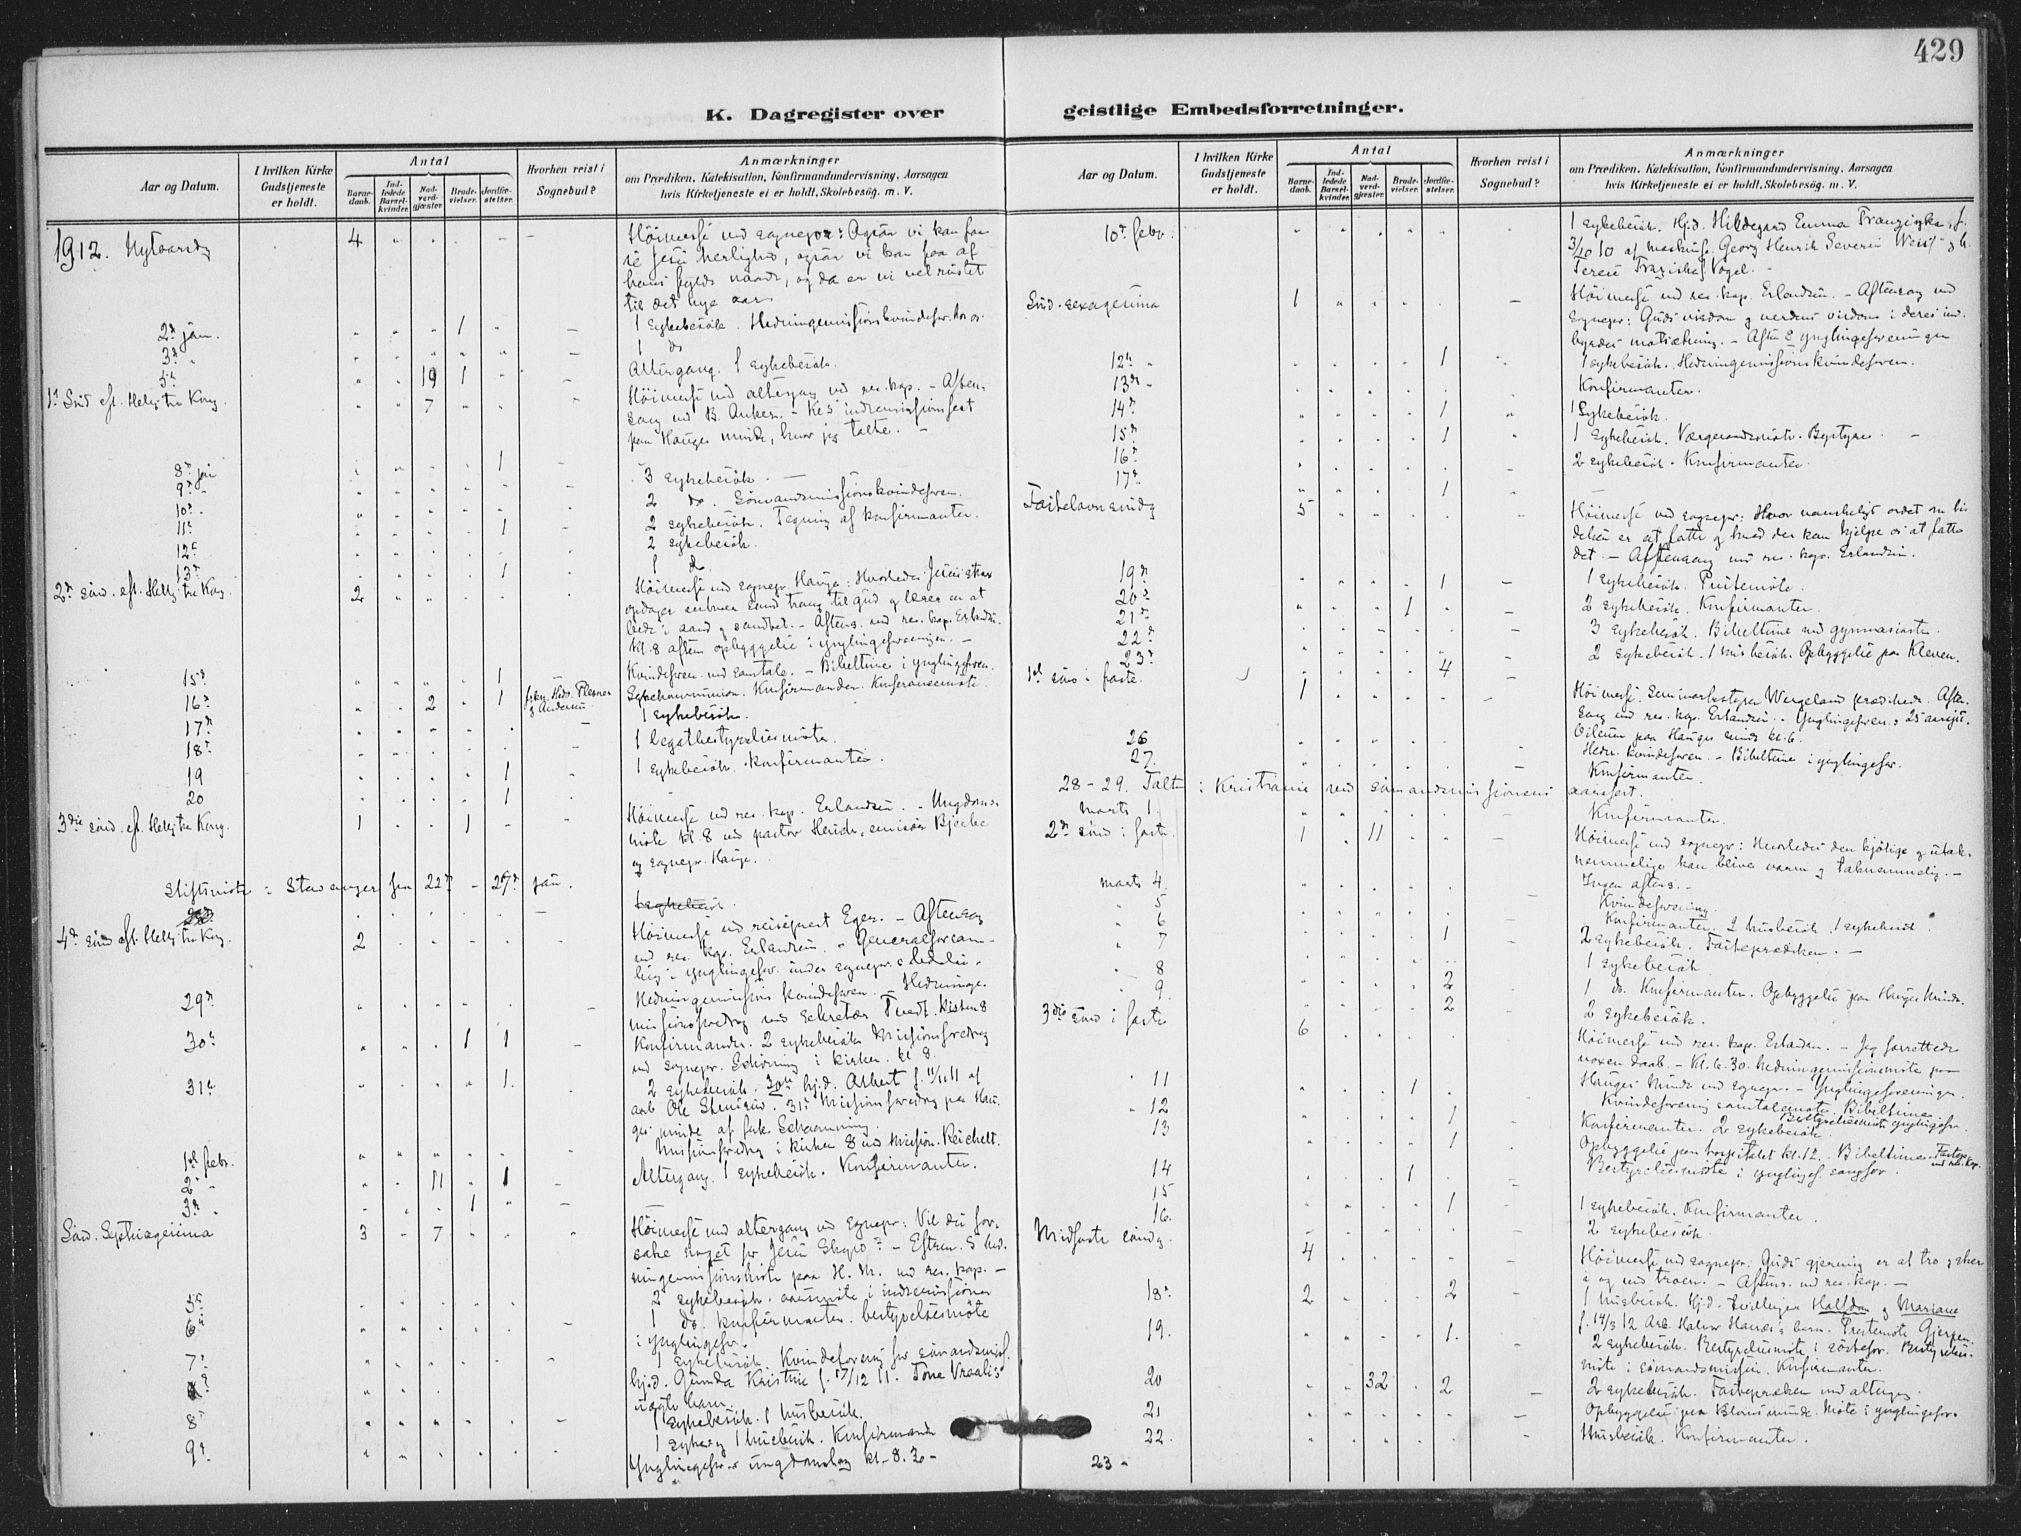 SAKO, Skien kirkebøker, F/Fa/L0012: Ministerialbok nr. 12, 1908-1914, s. 429